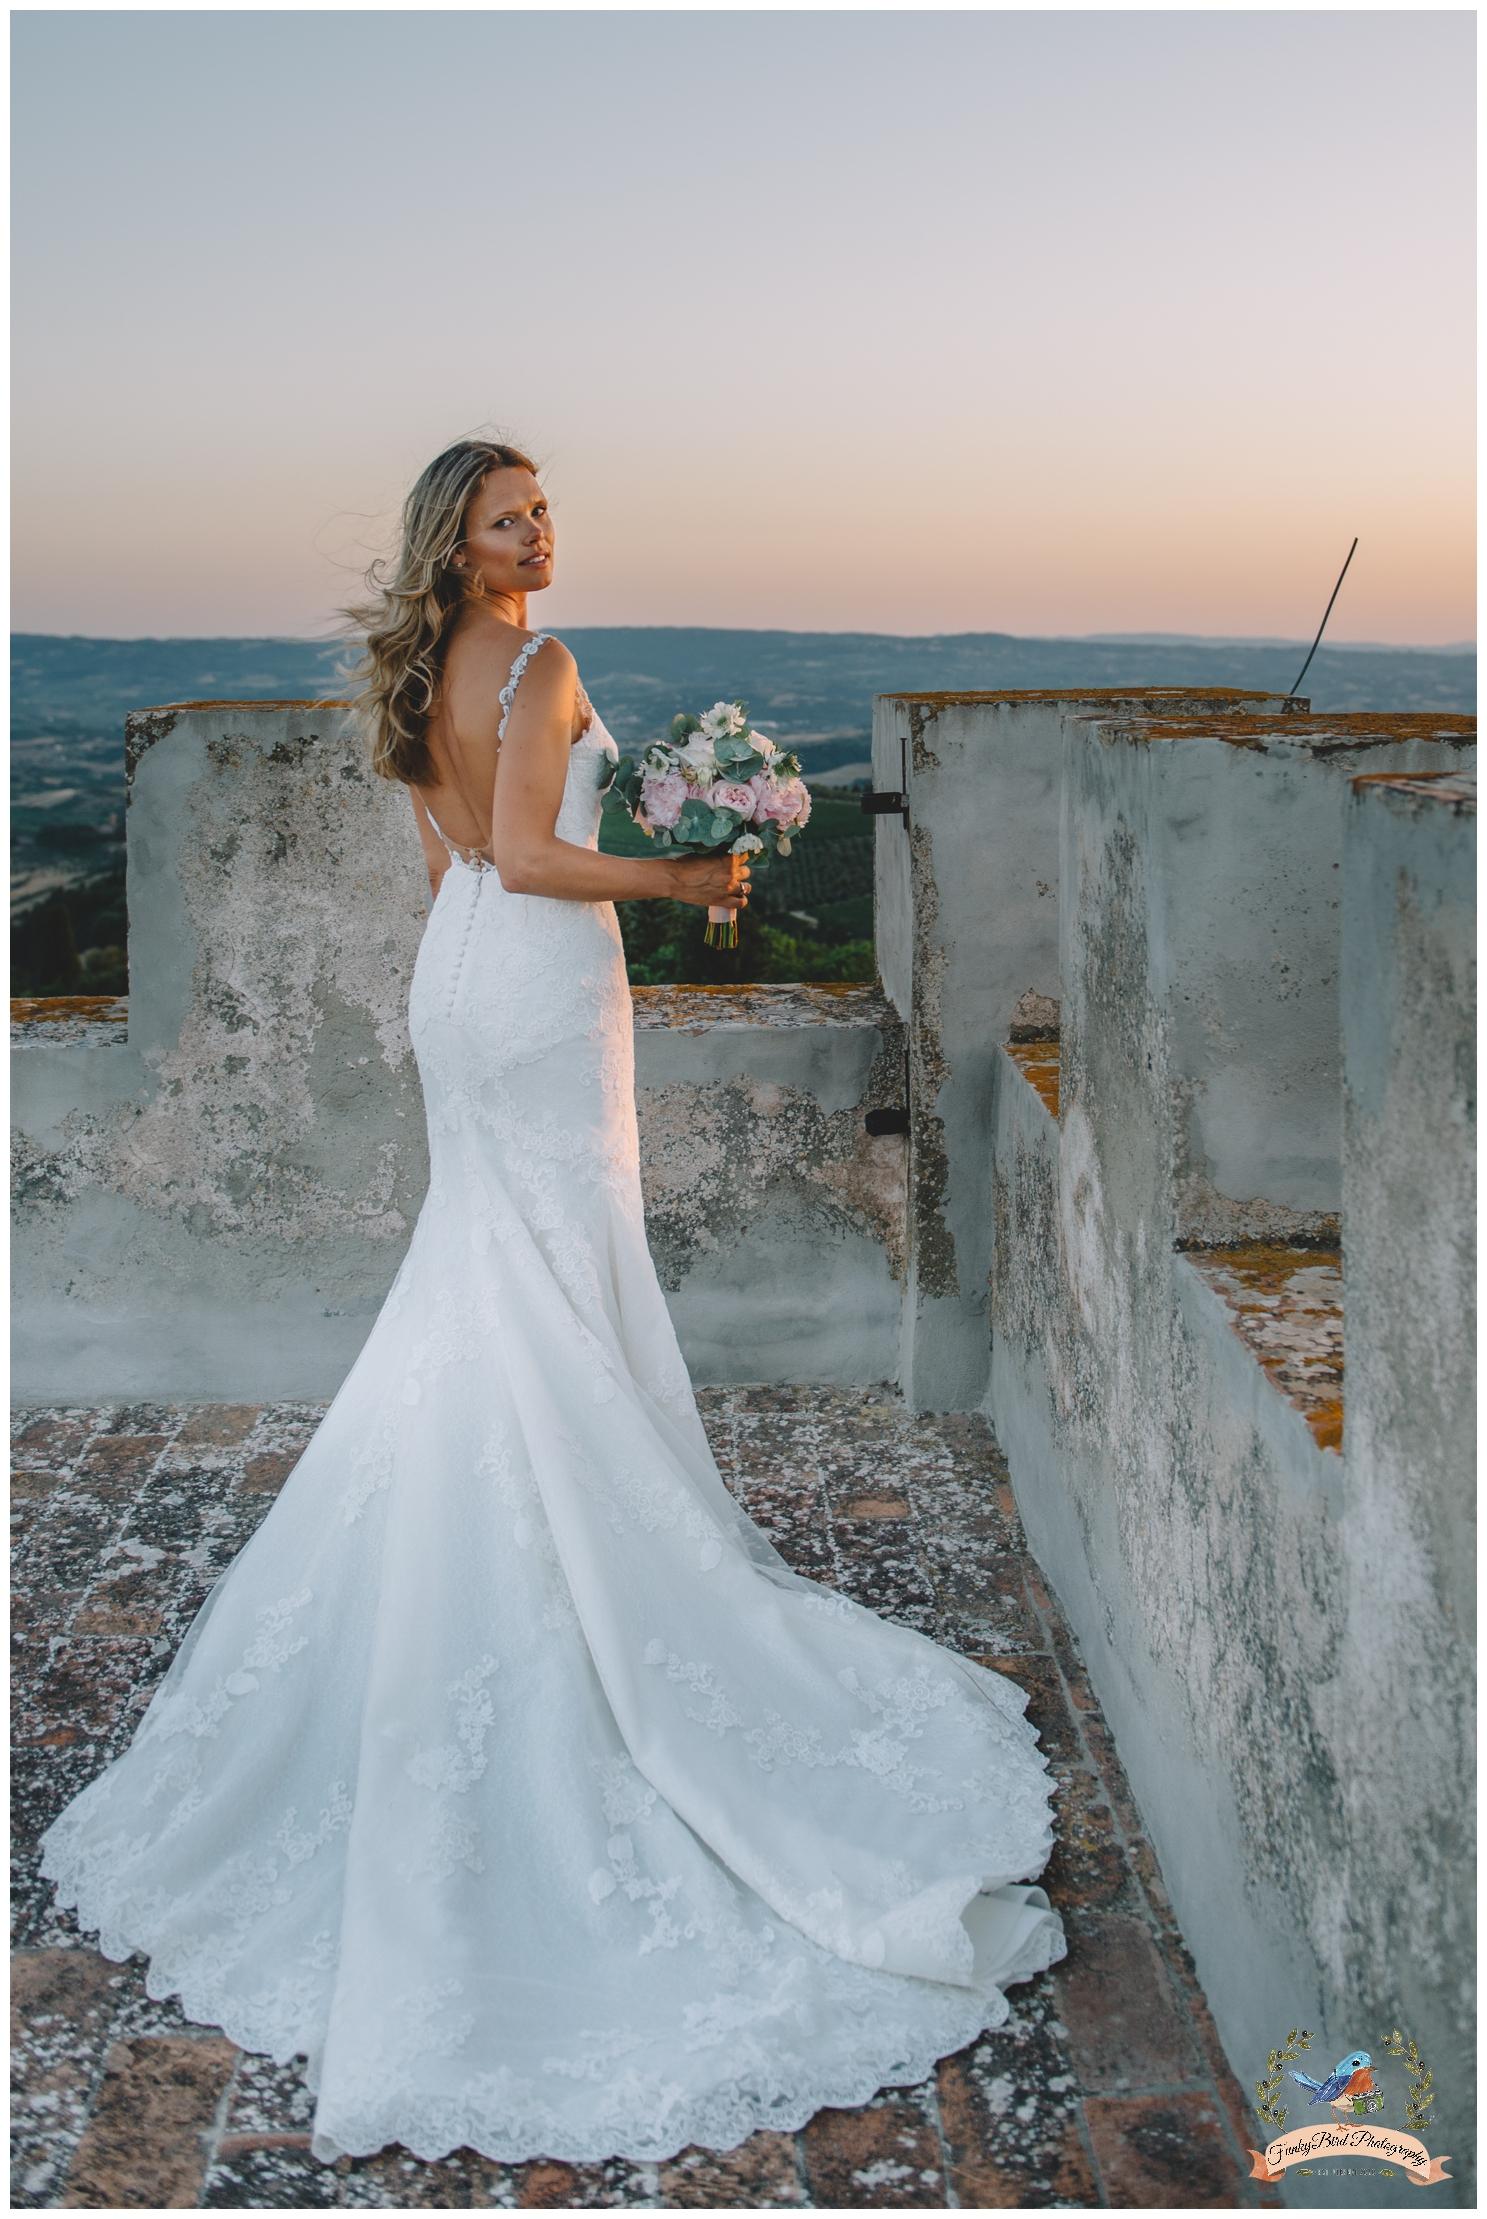 Wedding_Photographer_Tuscany_Florence_Italy_57.jpg